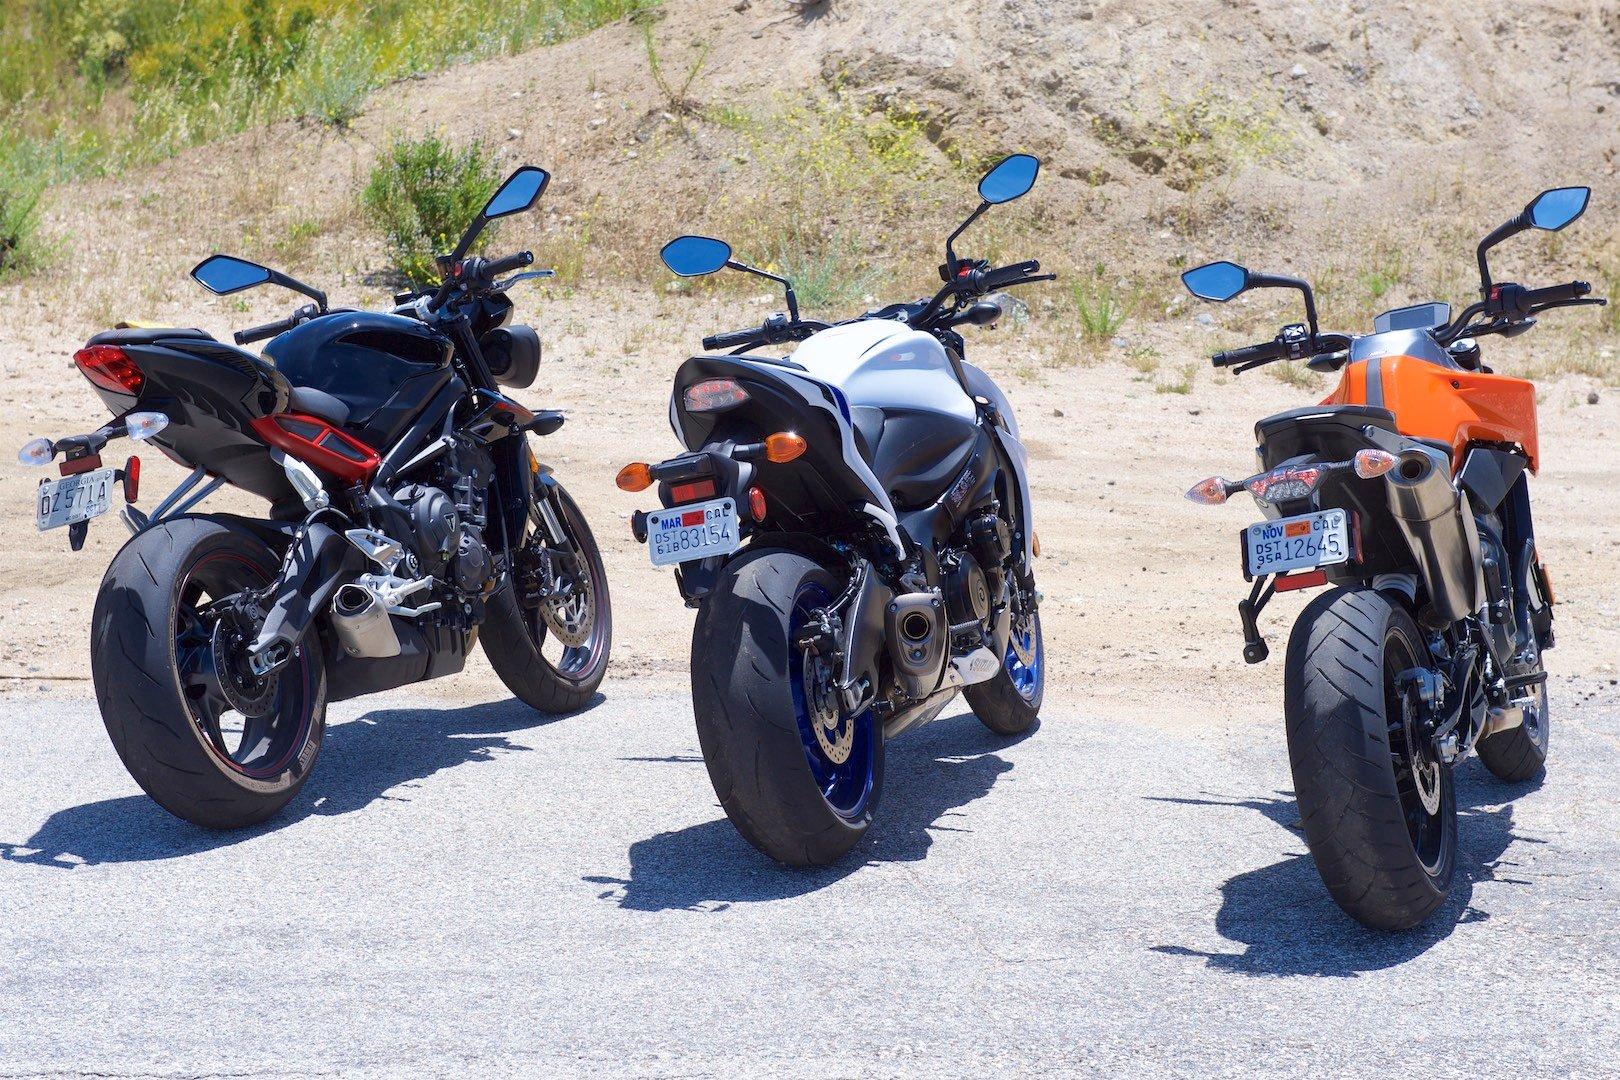 2019-KTM-Suzuki-Triumph-sport-motorcycle-review